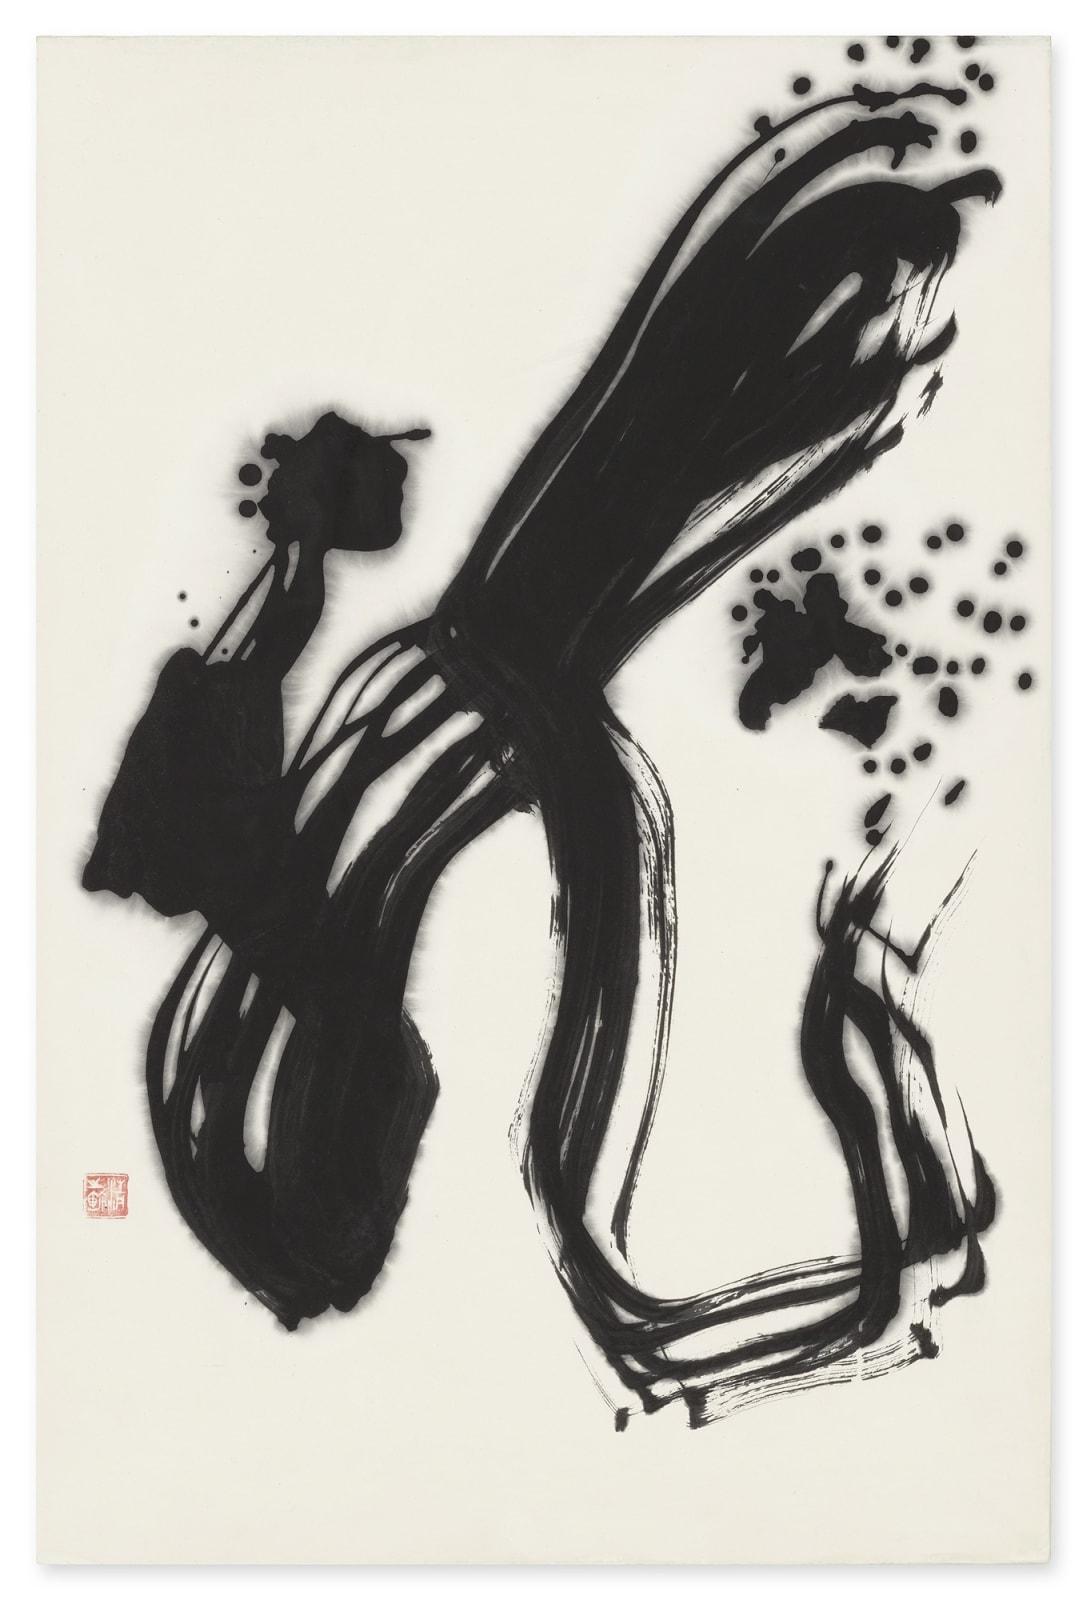 Shiryû Morita, #000896 Ryû - Drache, 1970